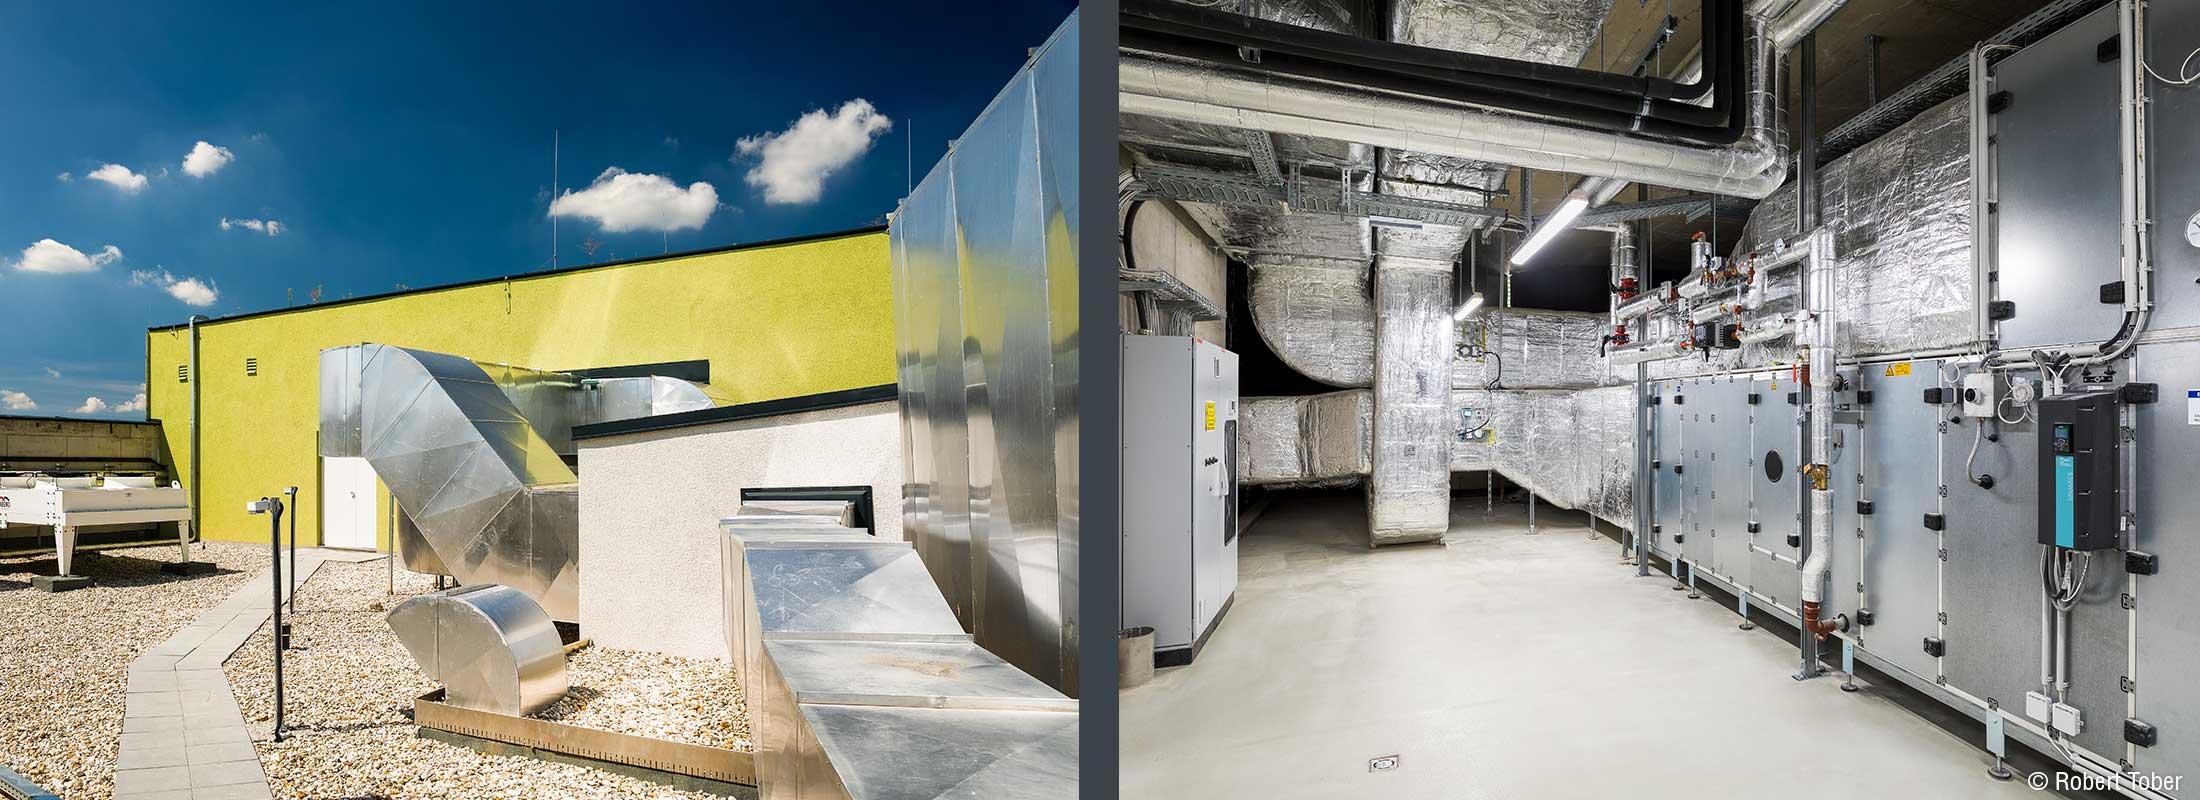 Lüftung und Klimatechnik von Bacon, Siemens und Bösch. Christine Nöstlinger Campus Wien. © Robert Tober